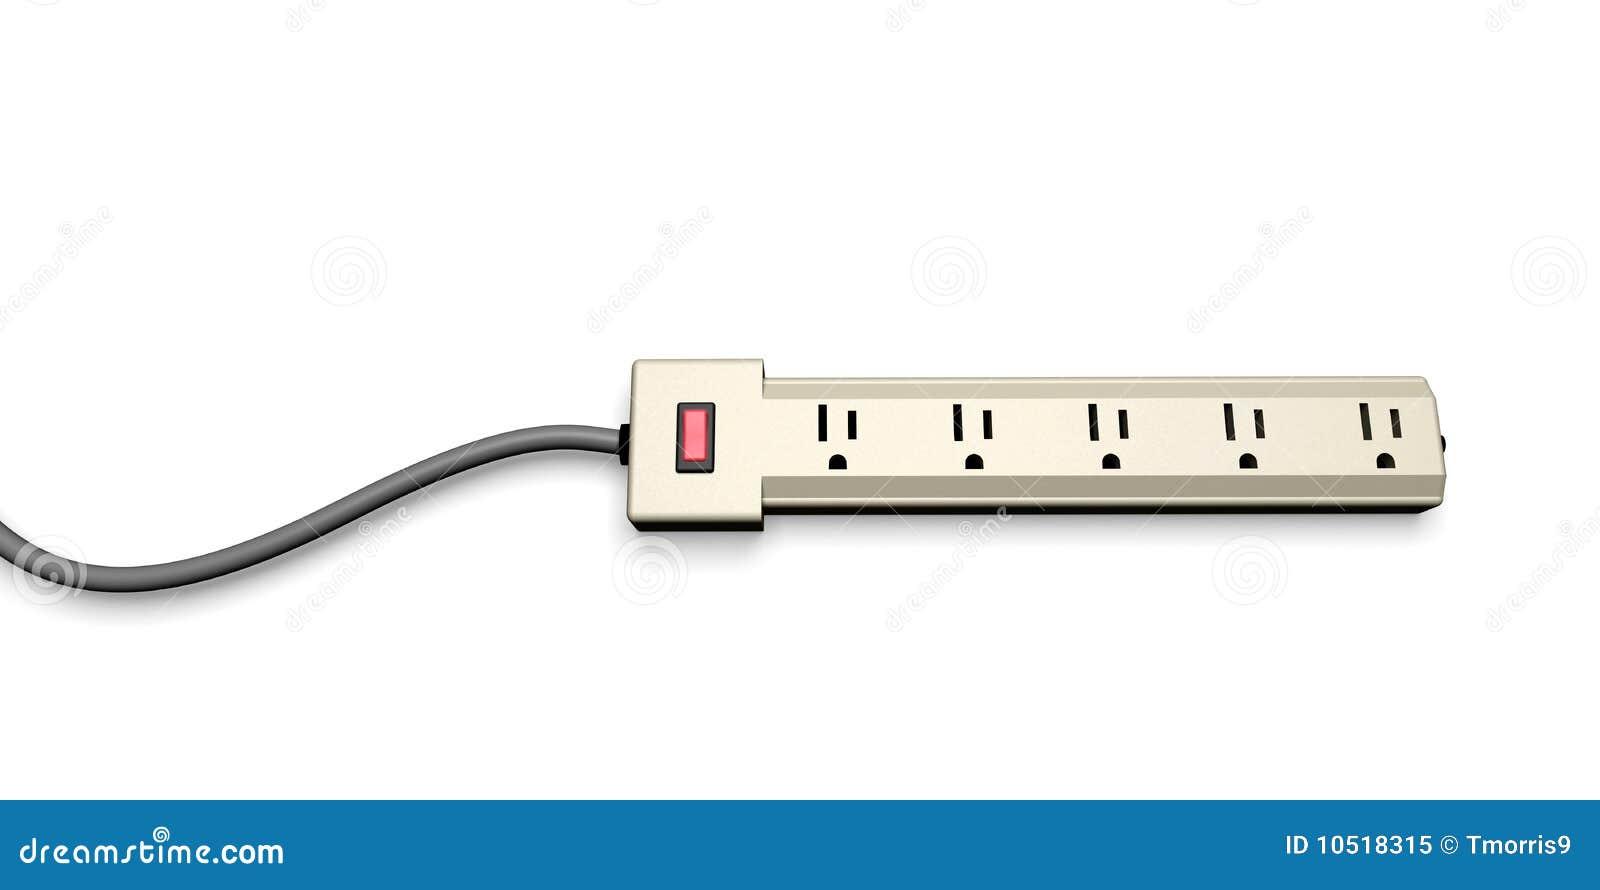 clipart power strip - photo #5